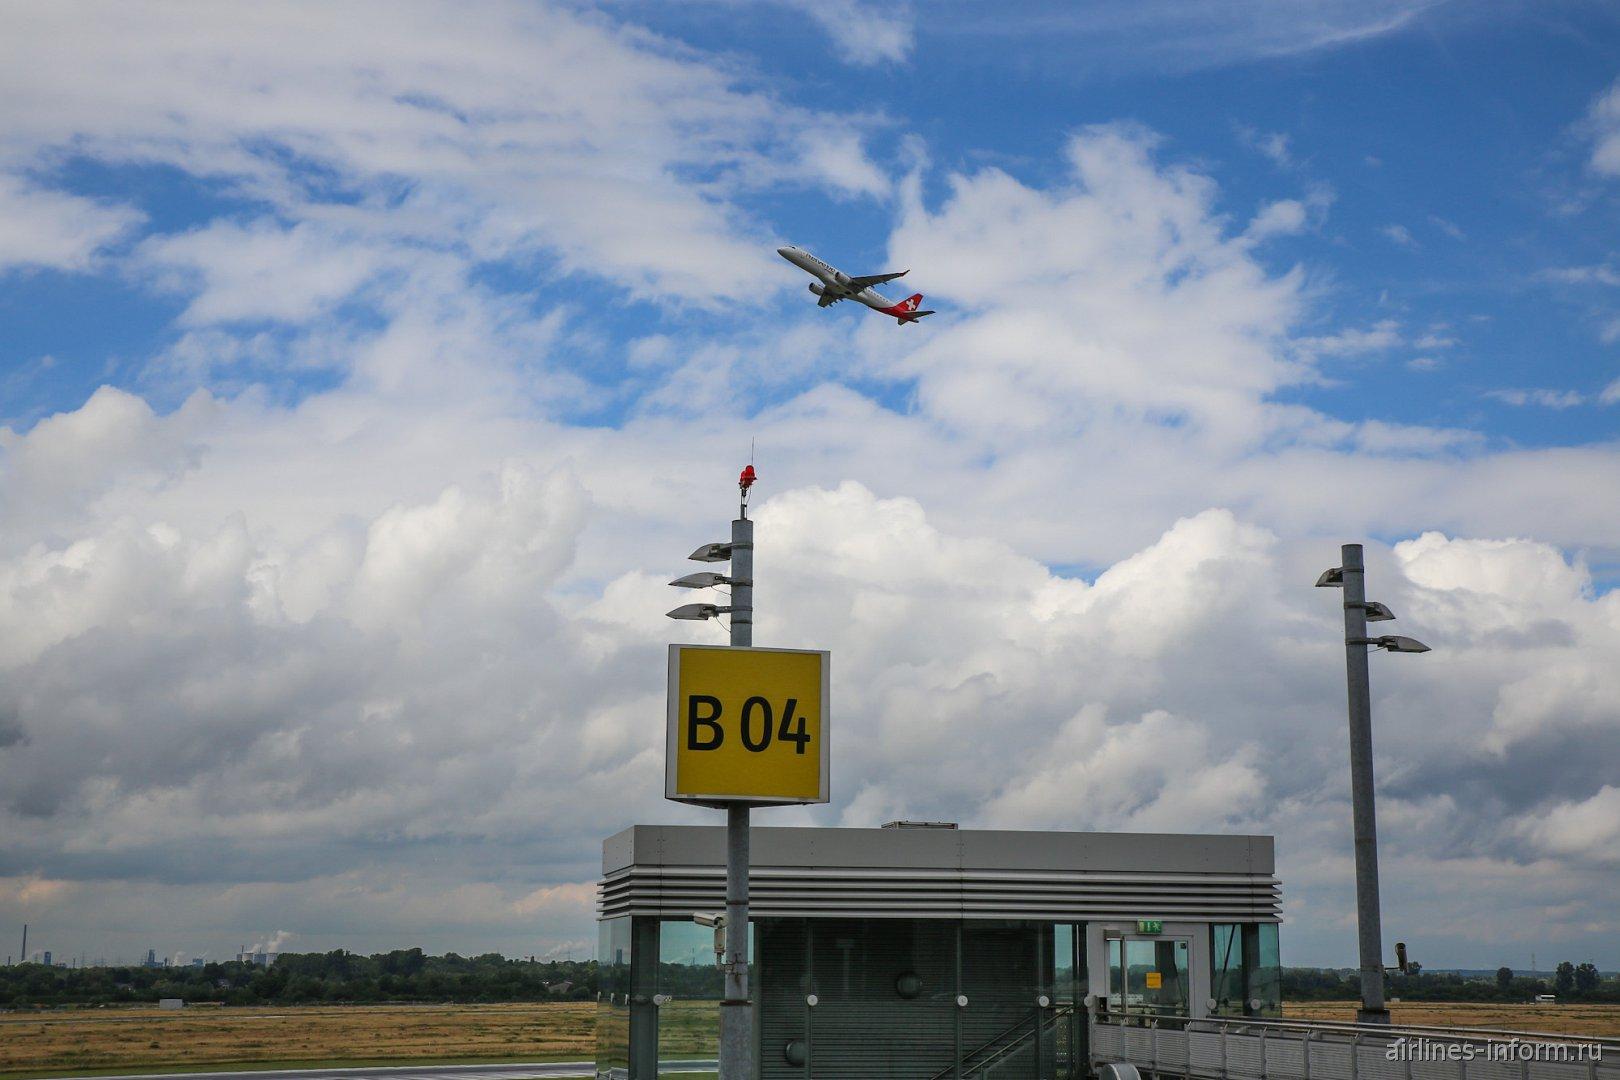 Вид на взлетающий самолет со смотровой площадки в аэропорту Дюссельдорфа